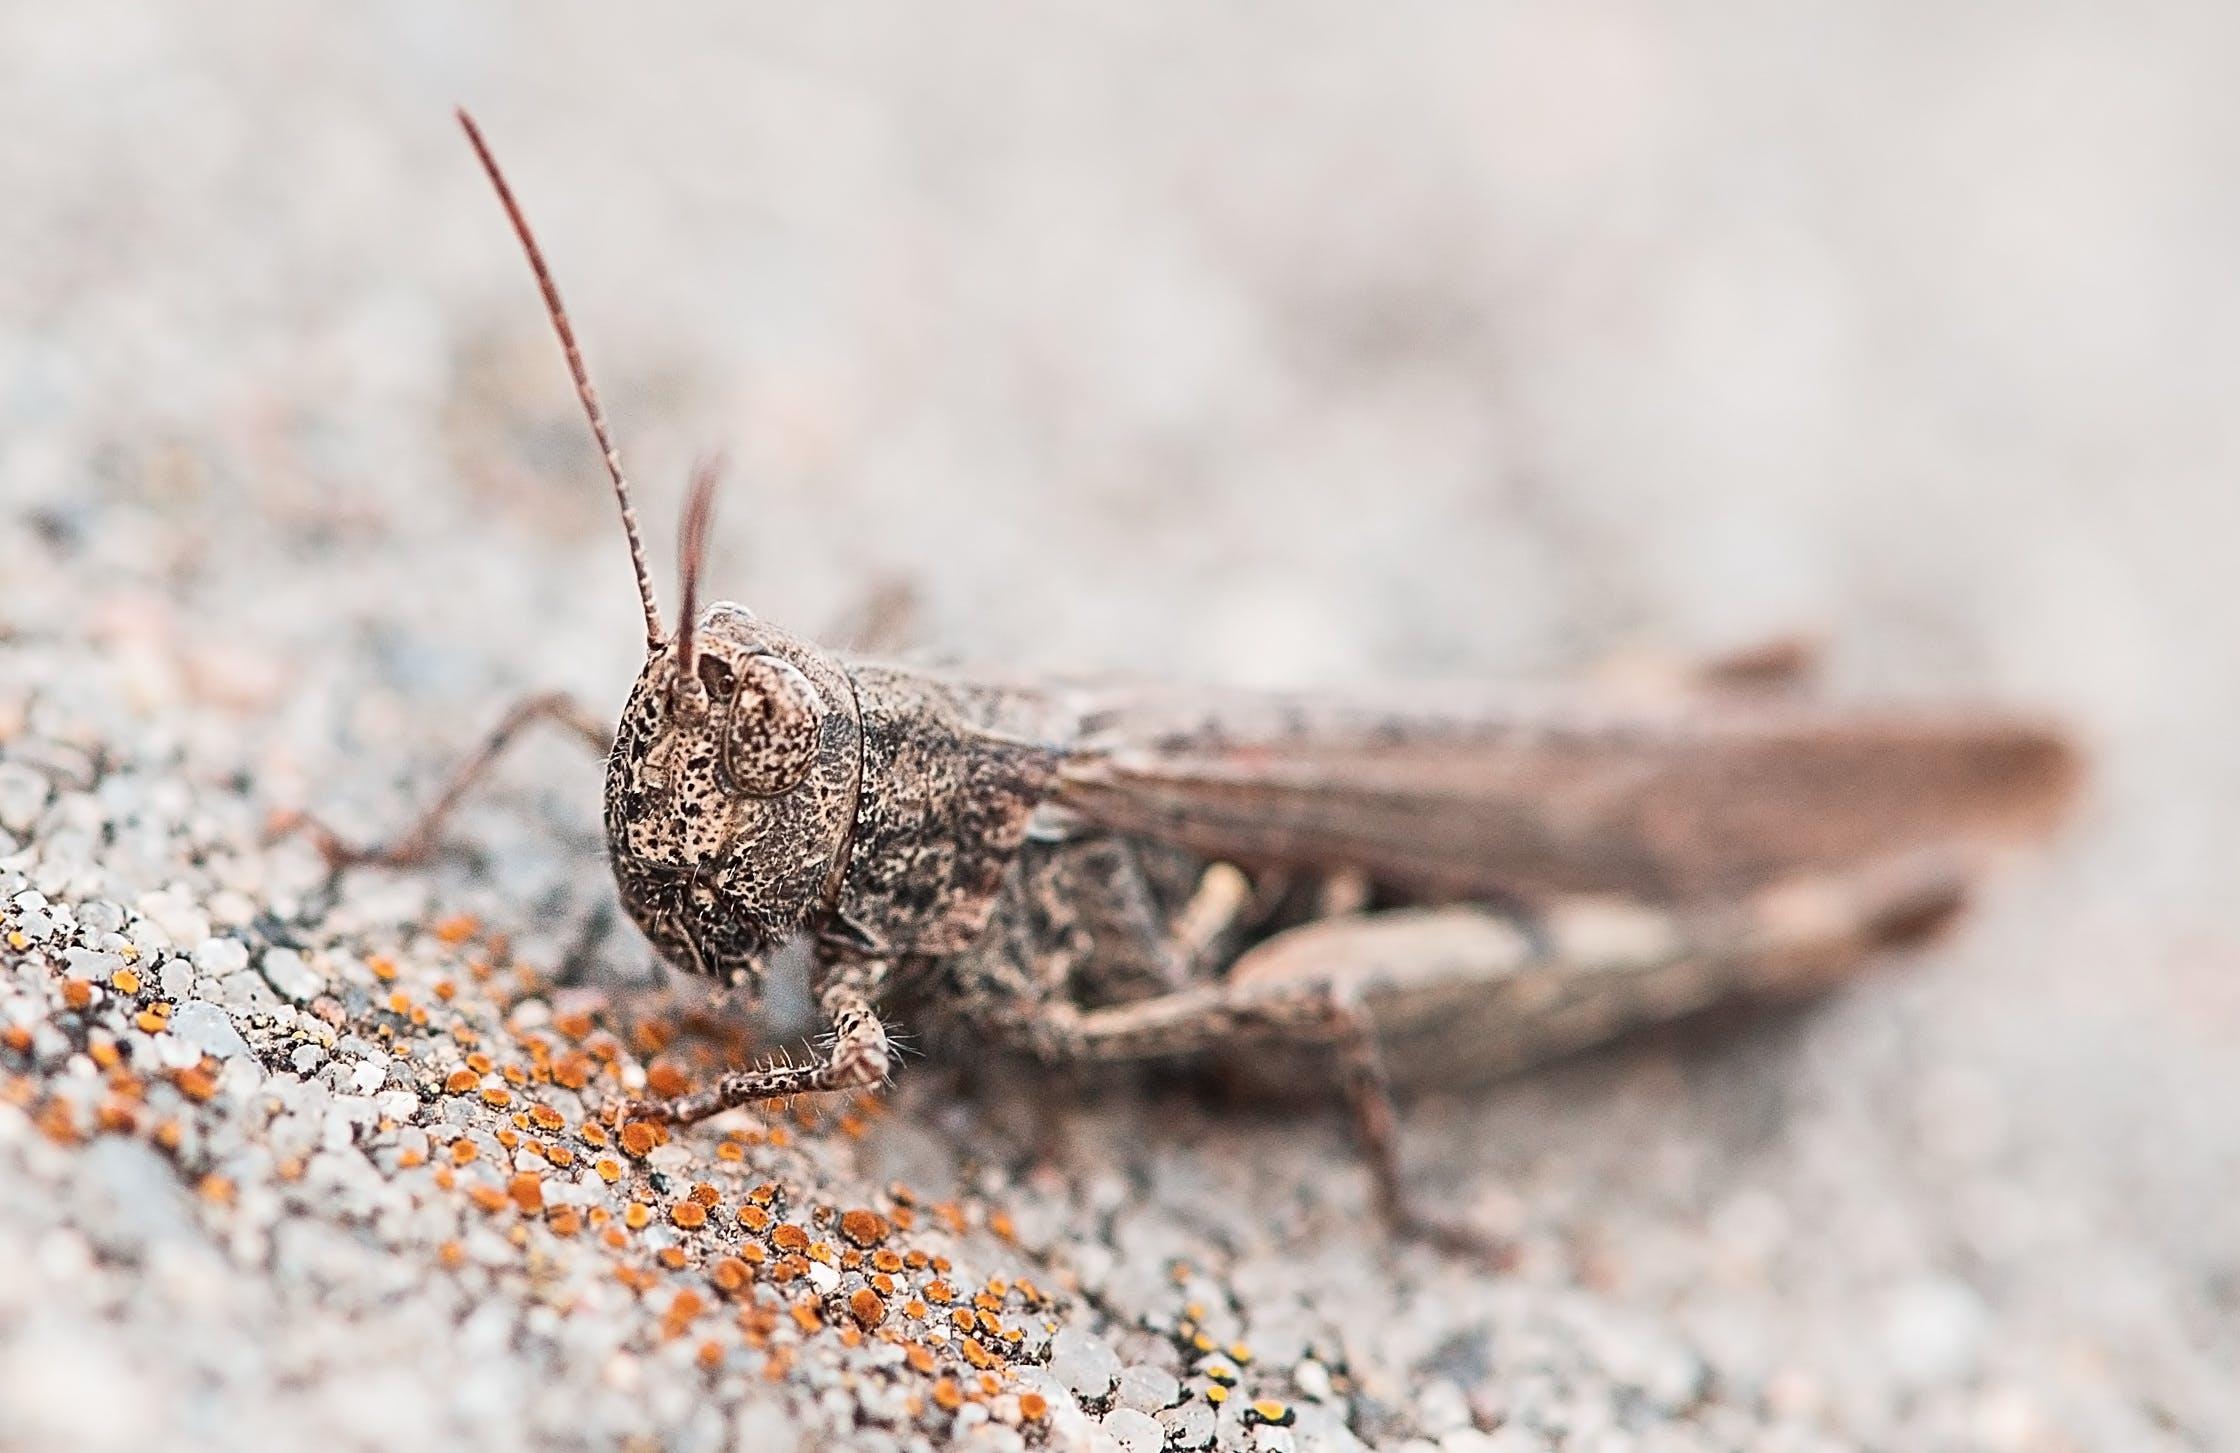 Gratis lagerfoto af close-up, insekt, makro